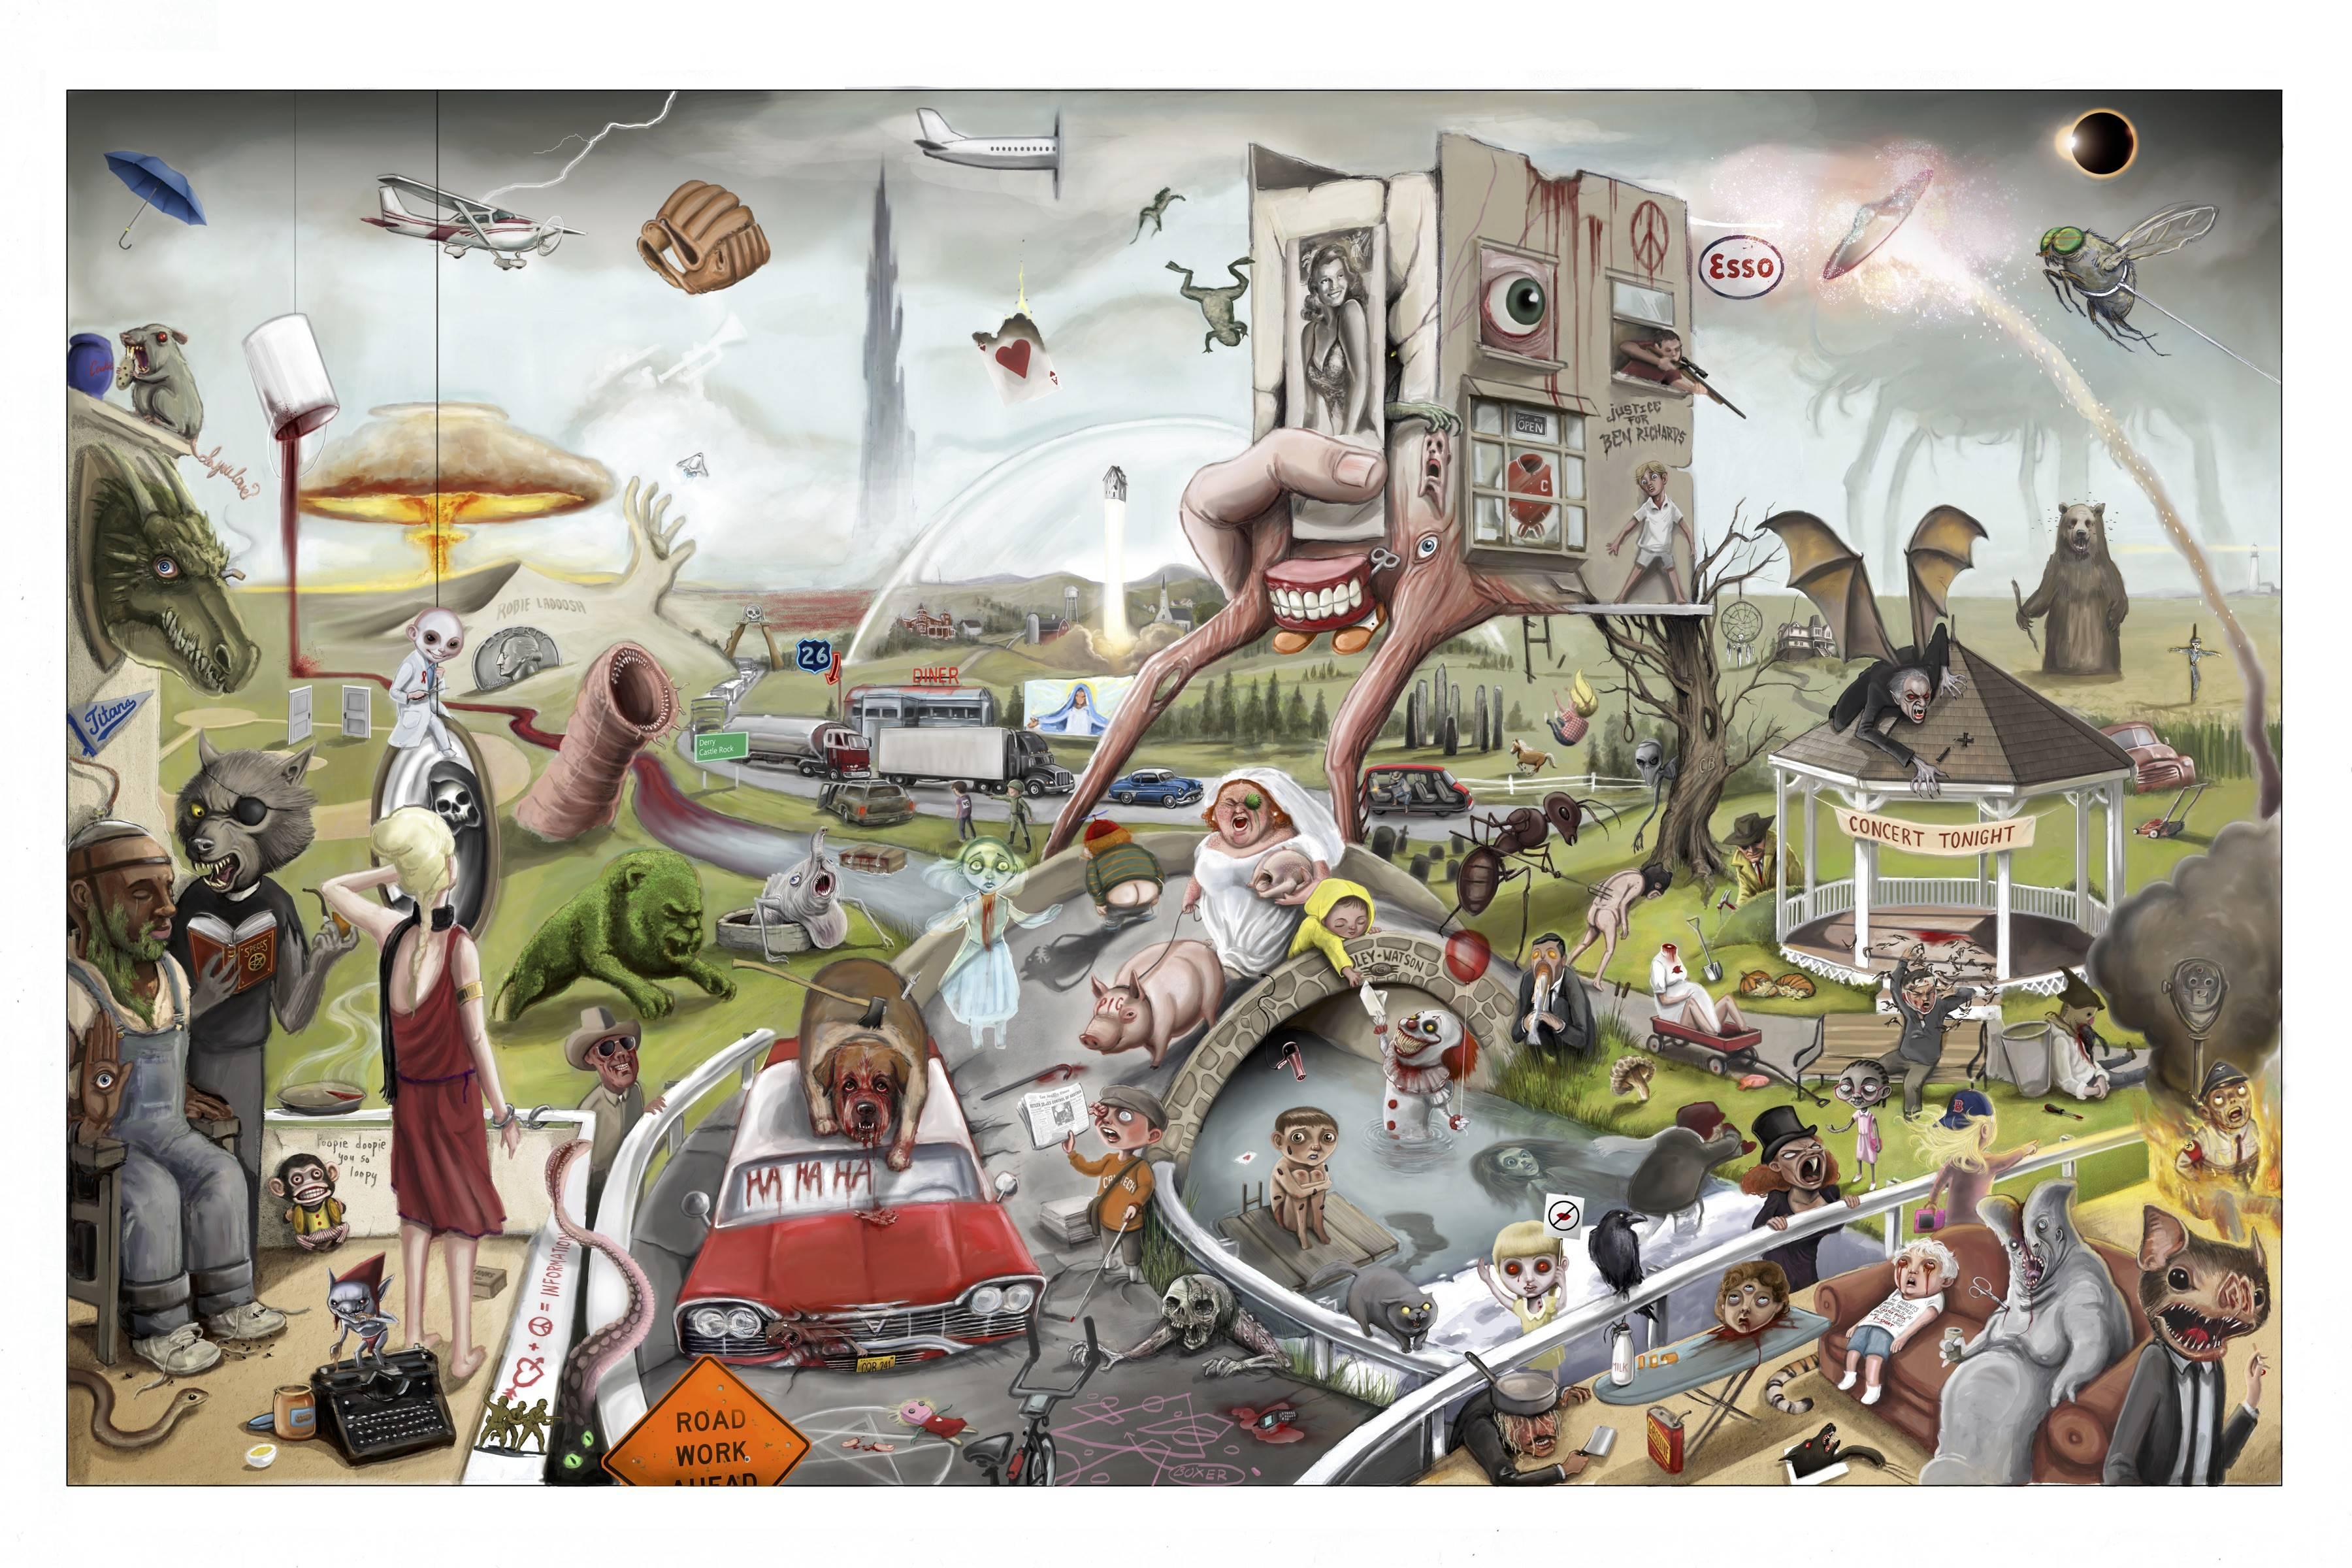 Casi 200 referencias sobre Stephen King se encuentran en esta imagen, ¿puedes encontrarlas todas?